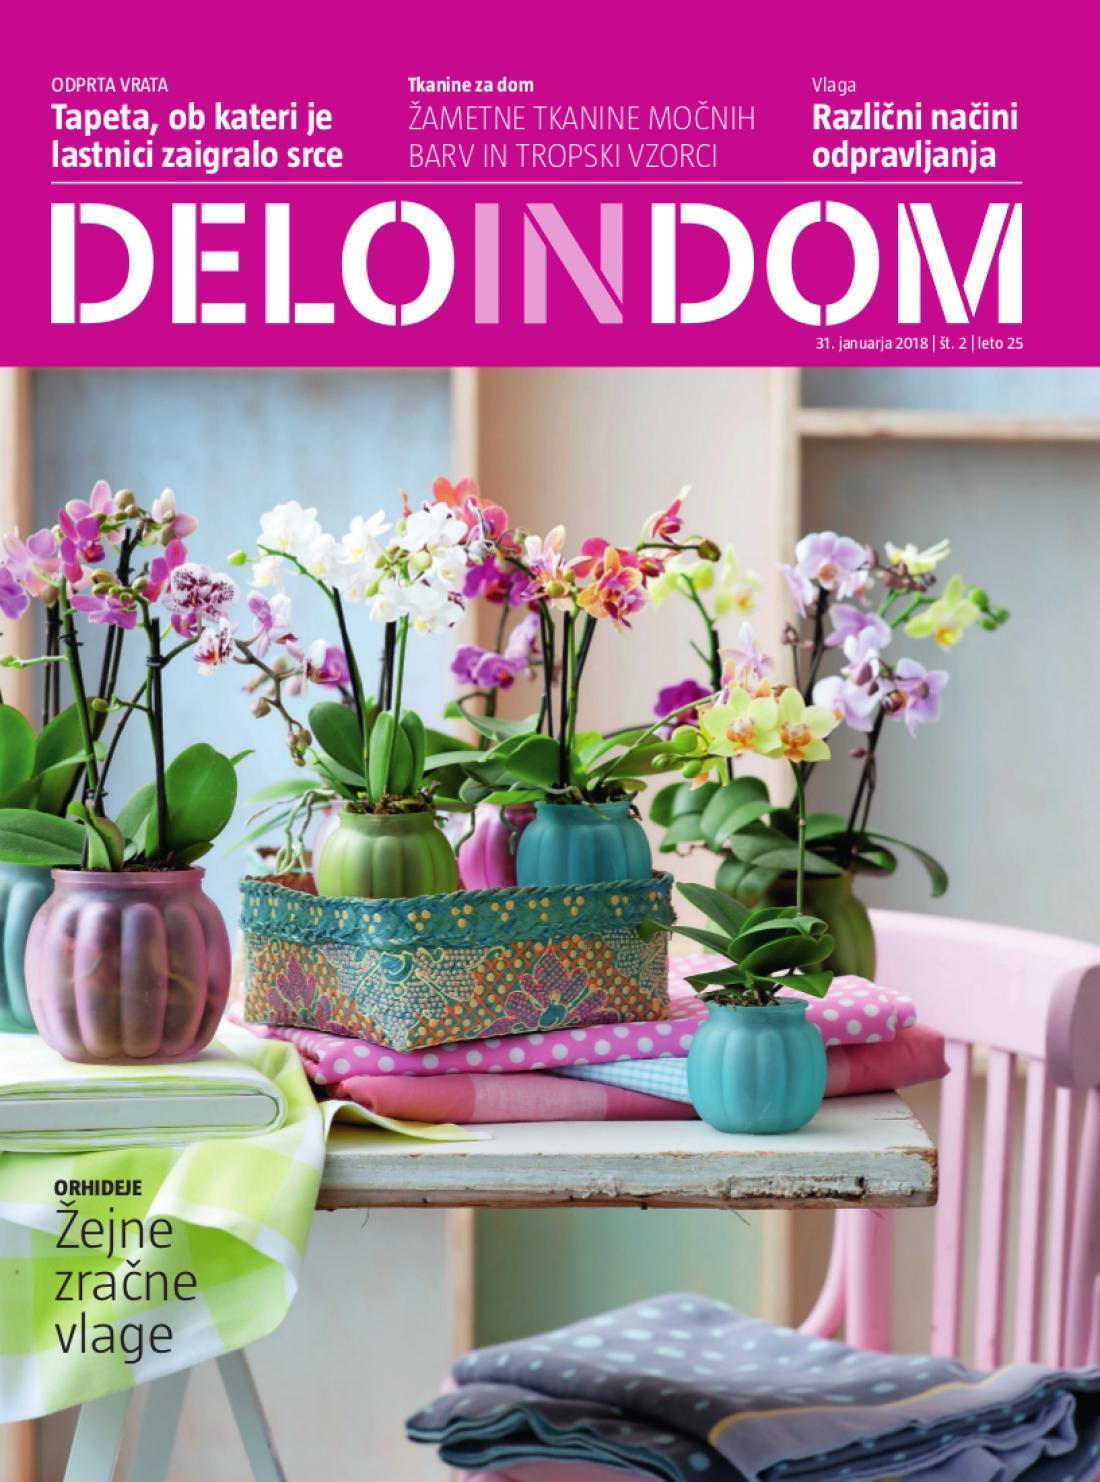 Naslednja številka priloge Deloindom bo Delu in Slovenskim novicam priložena 14. februarja 2018.